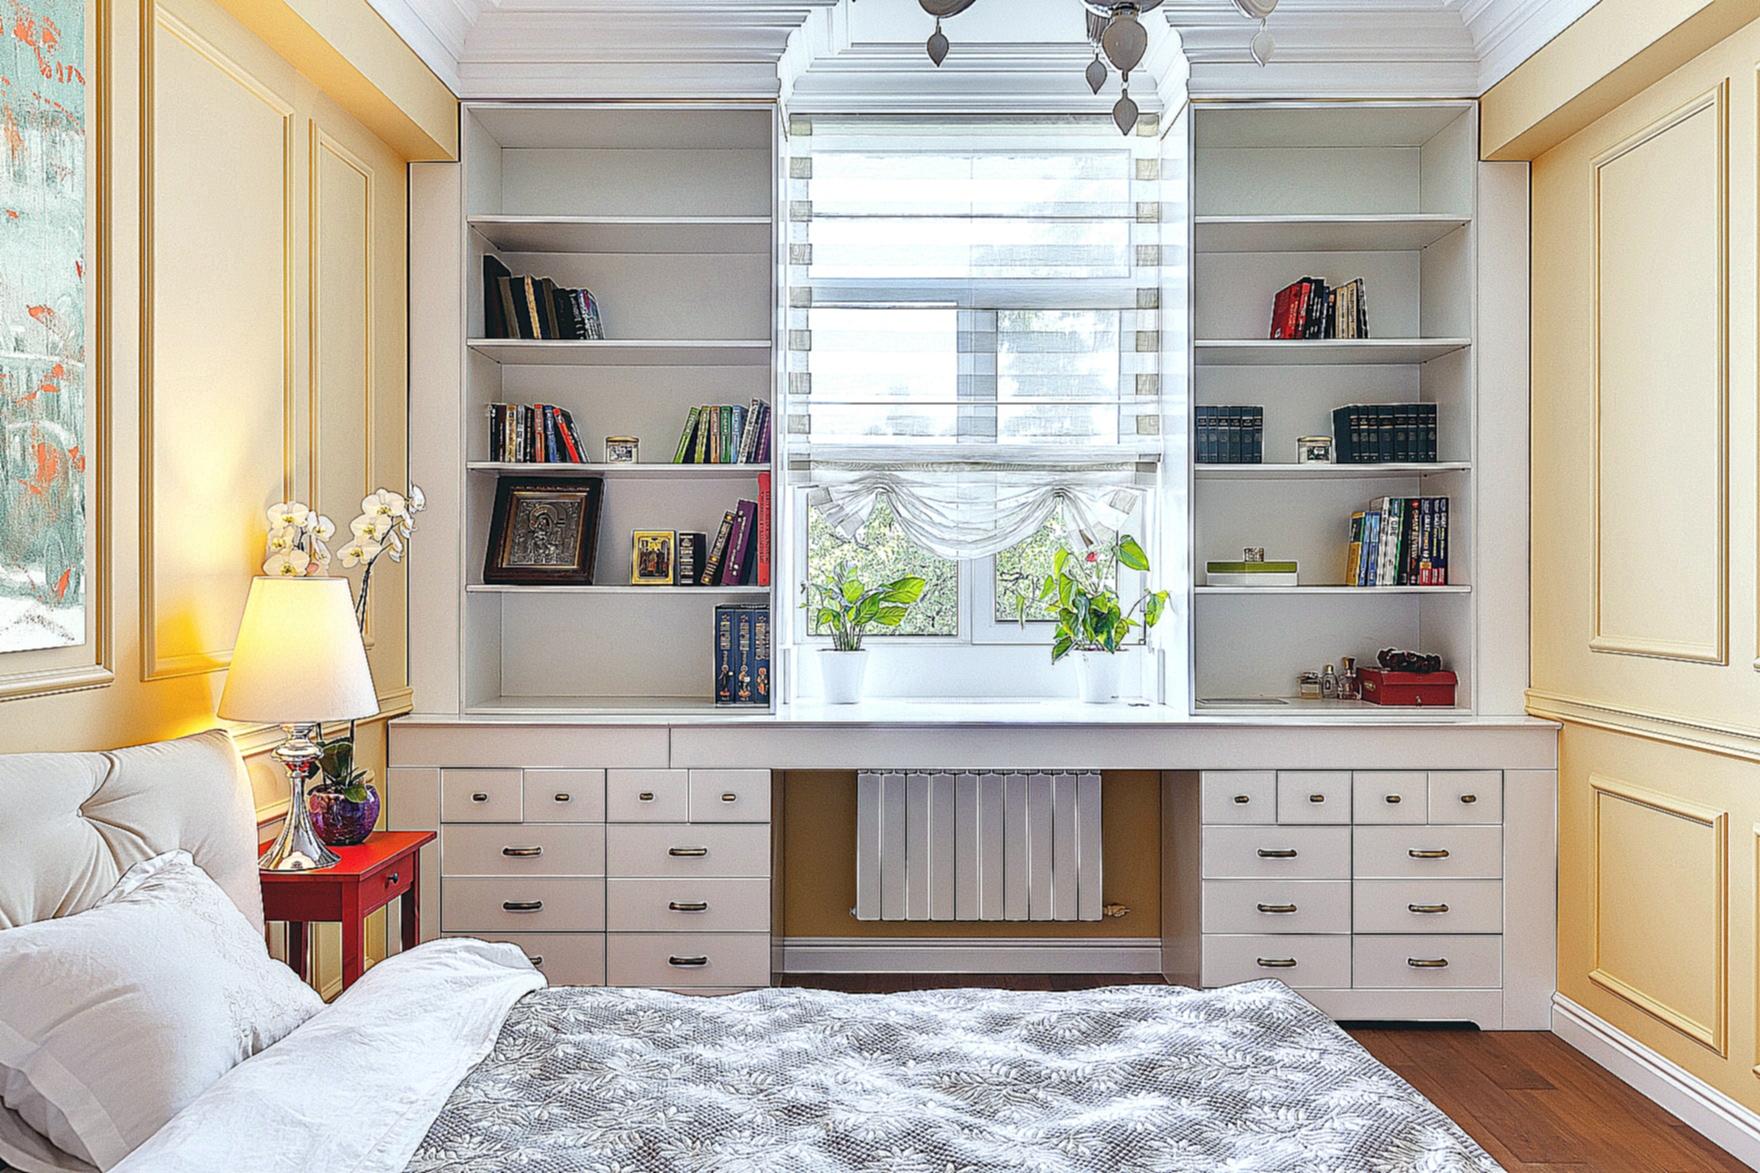 Шкафы вокруг окна: 10 идей для твоего интерьера. - страница .